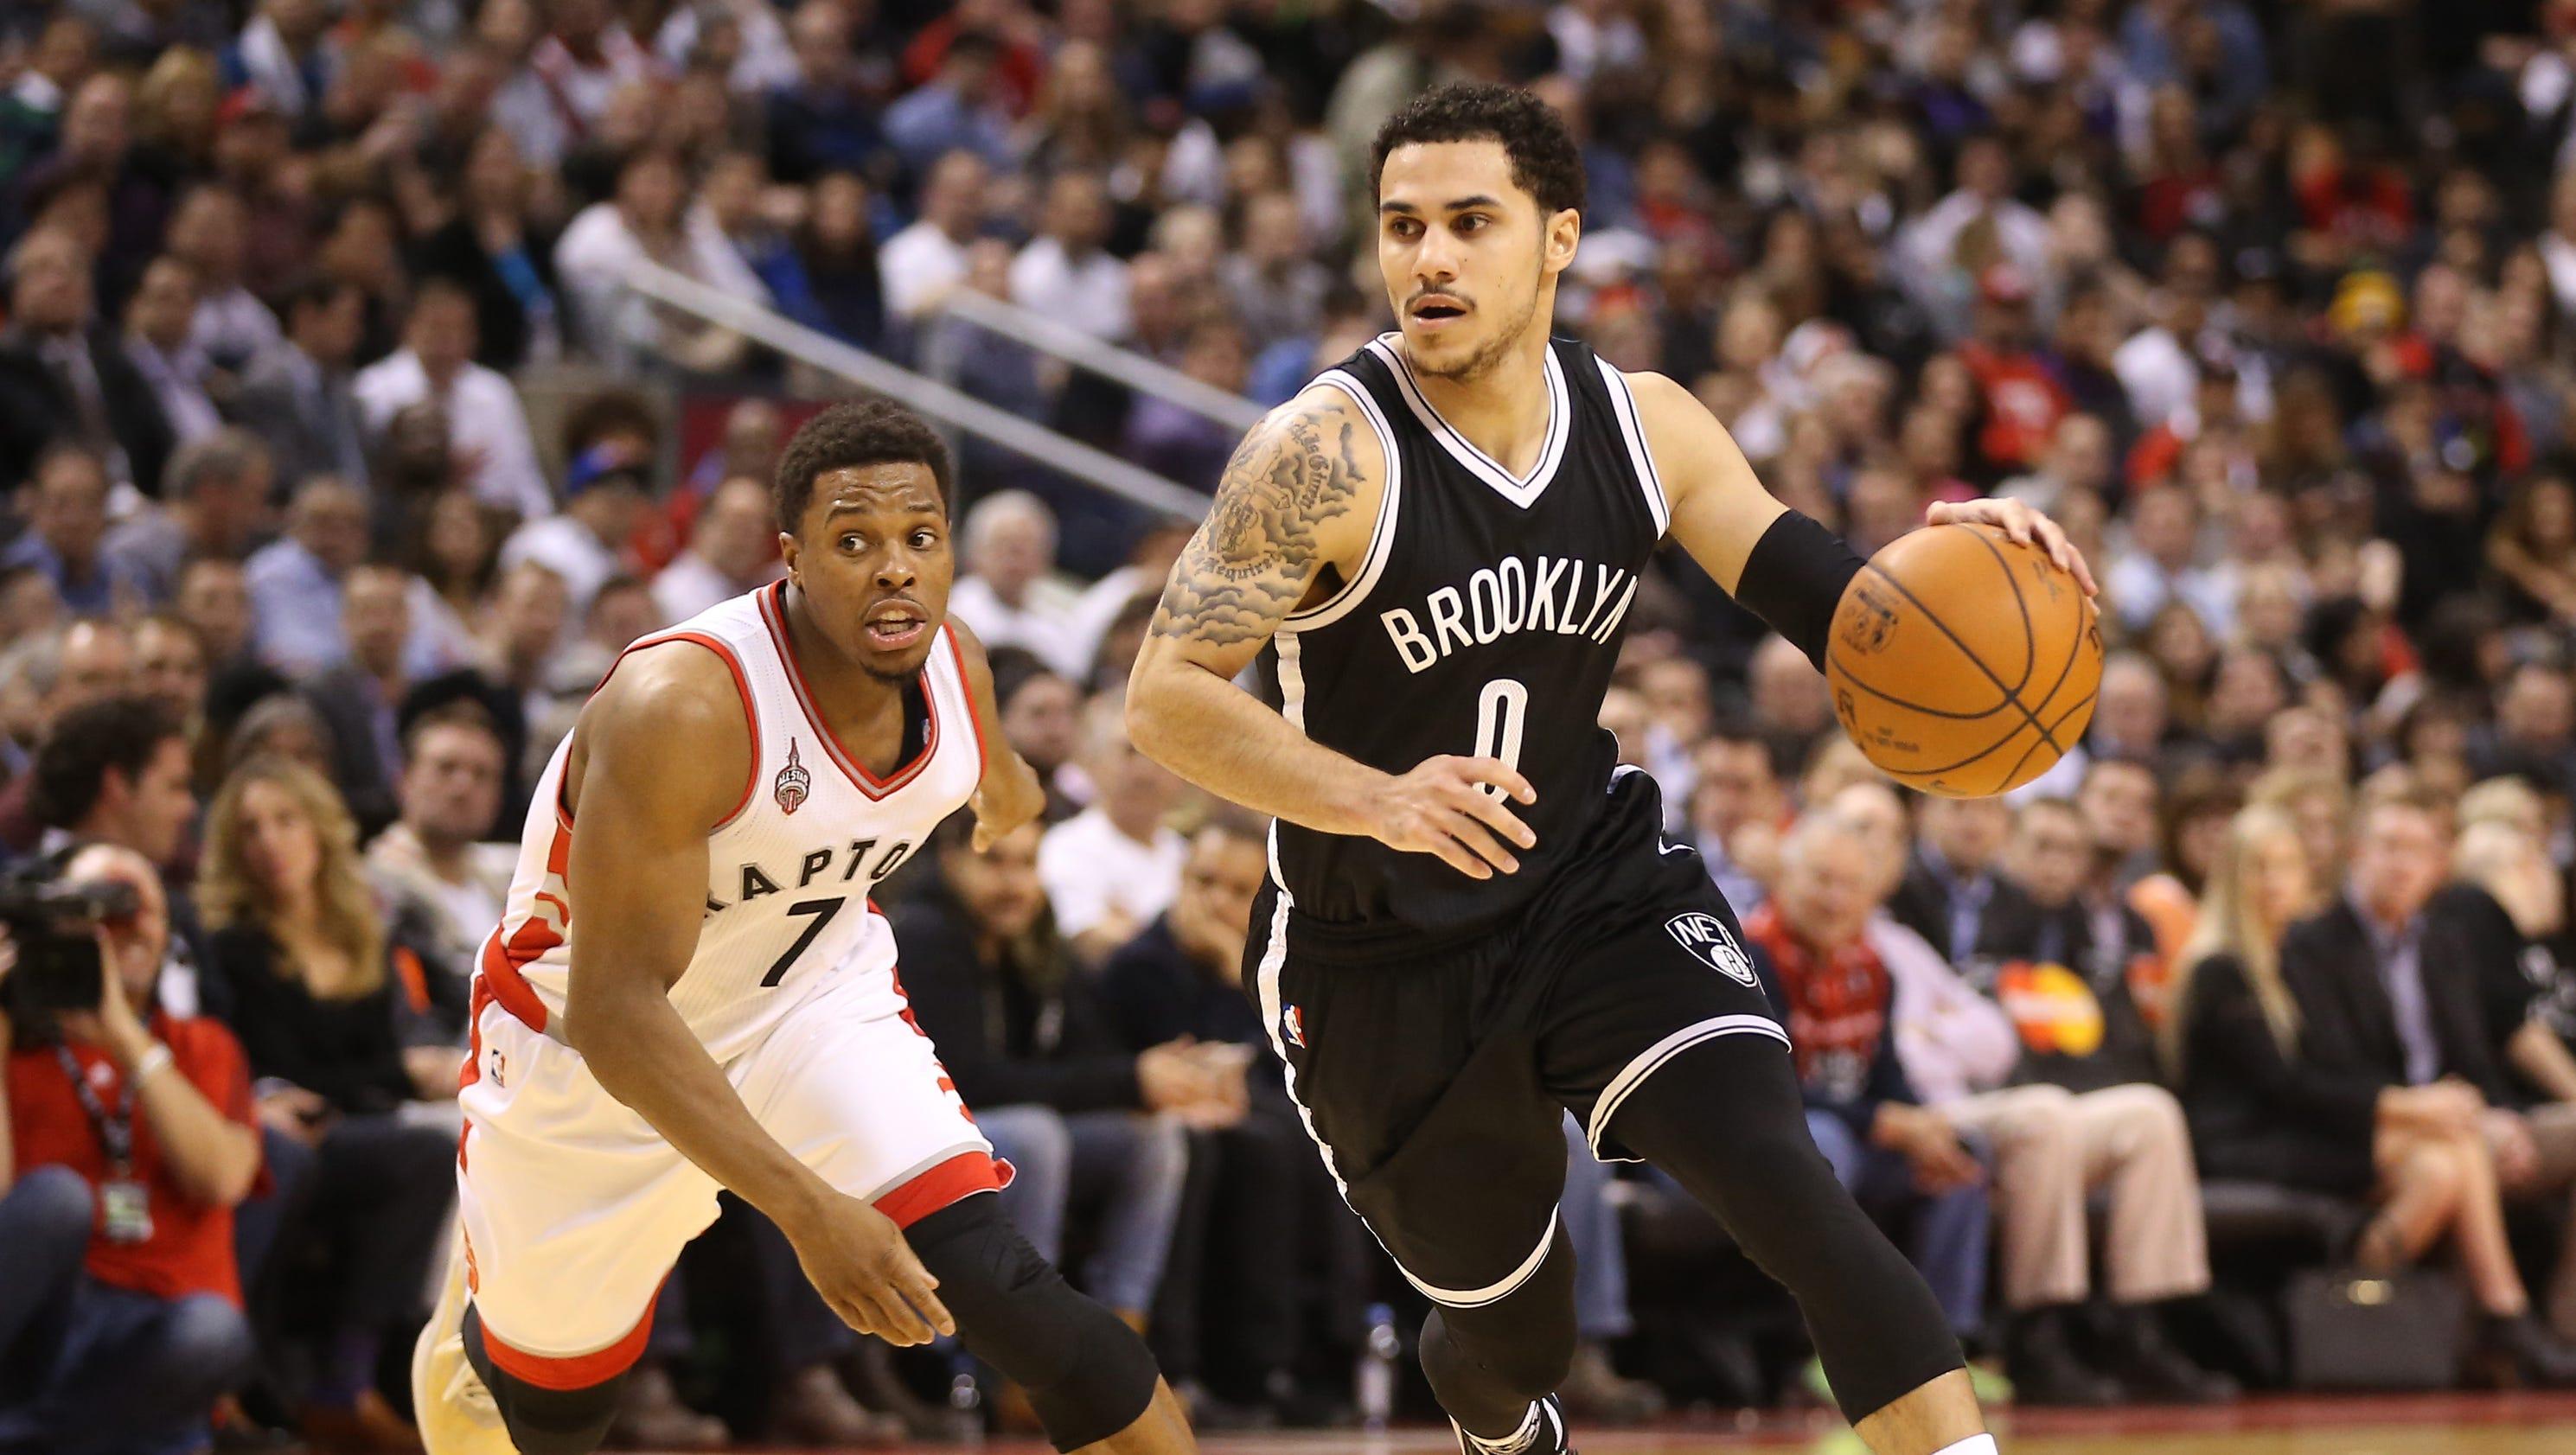 Nba Playoffs Games Tonight | All Basketball Scores Info